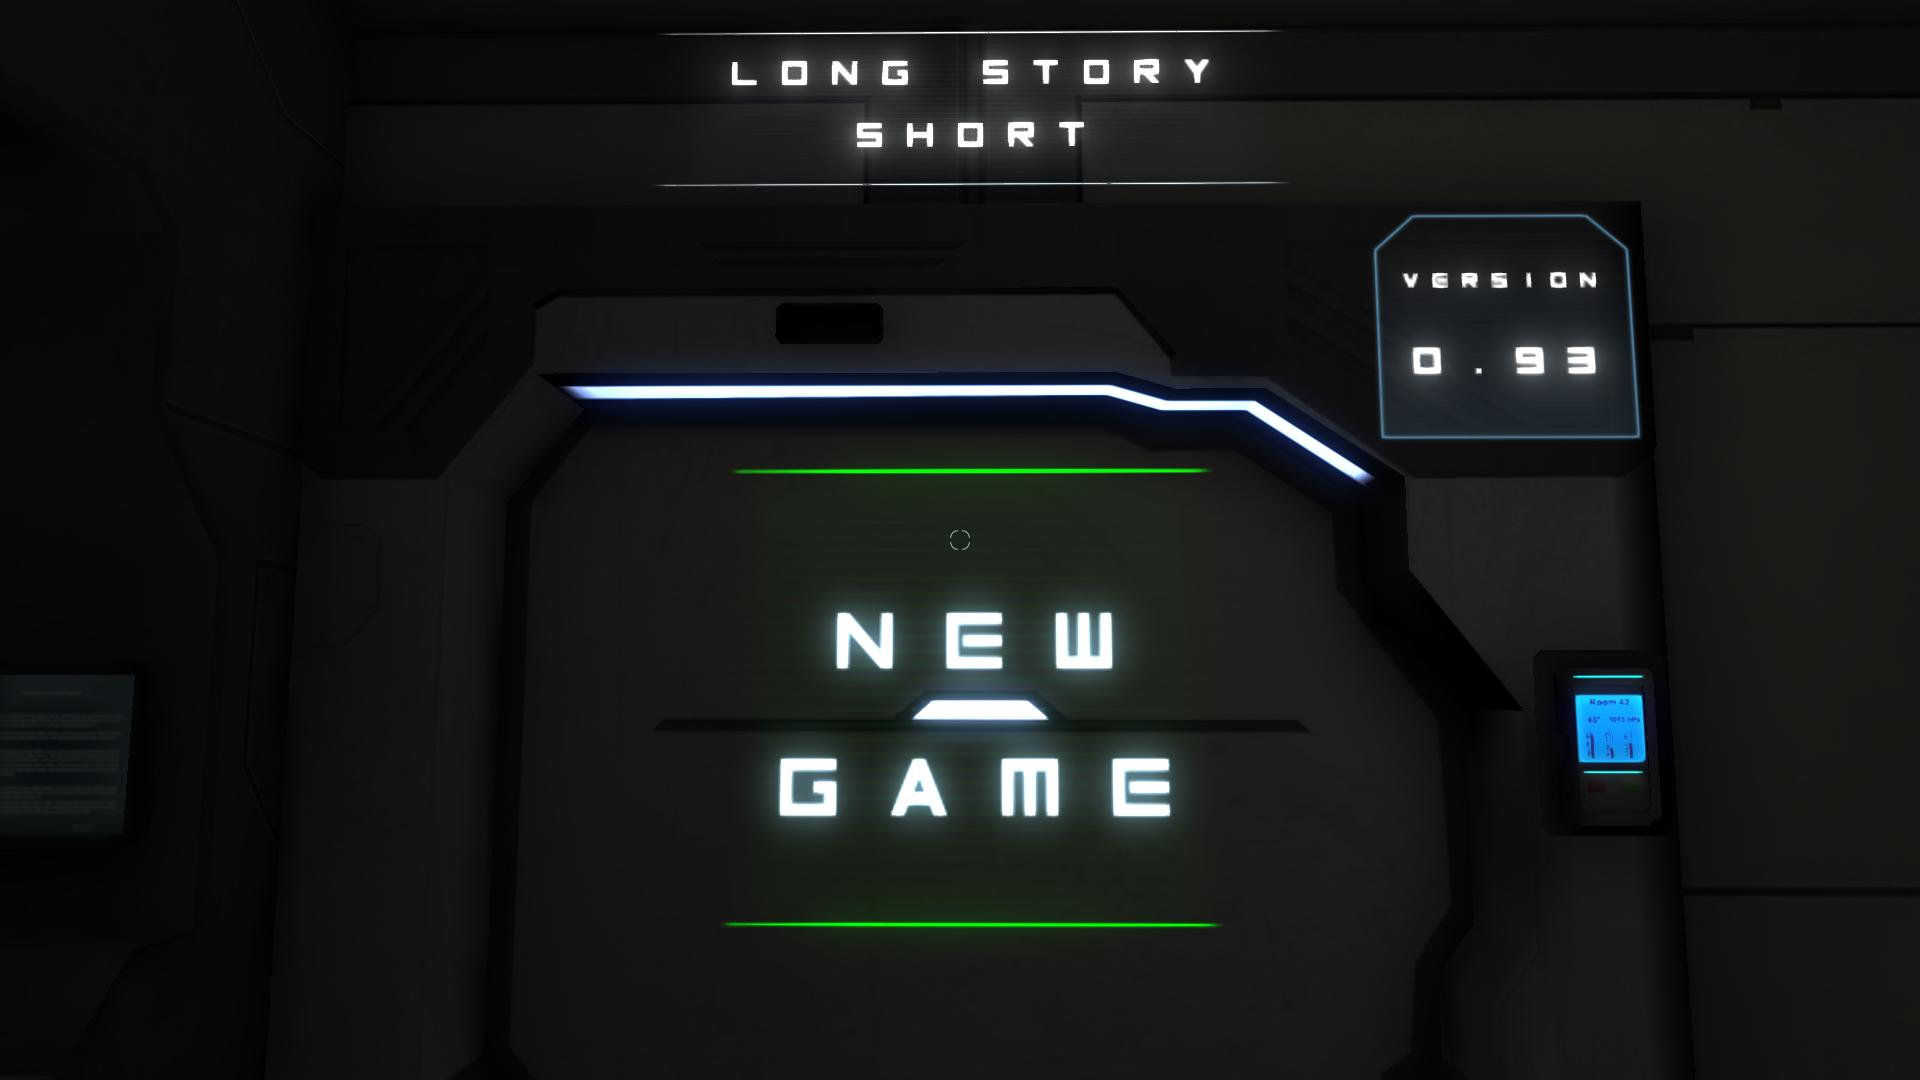 New Game MENU